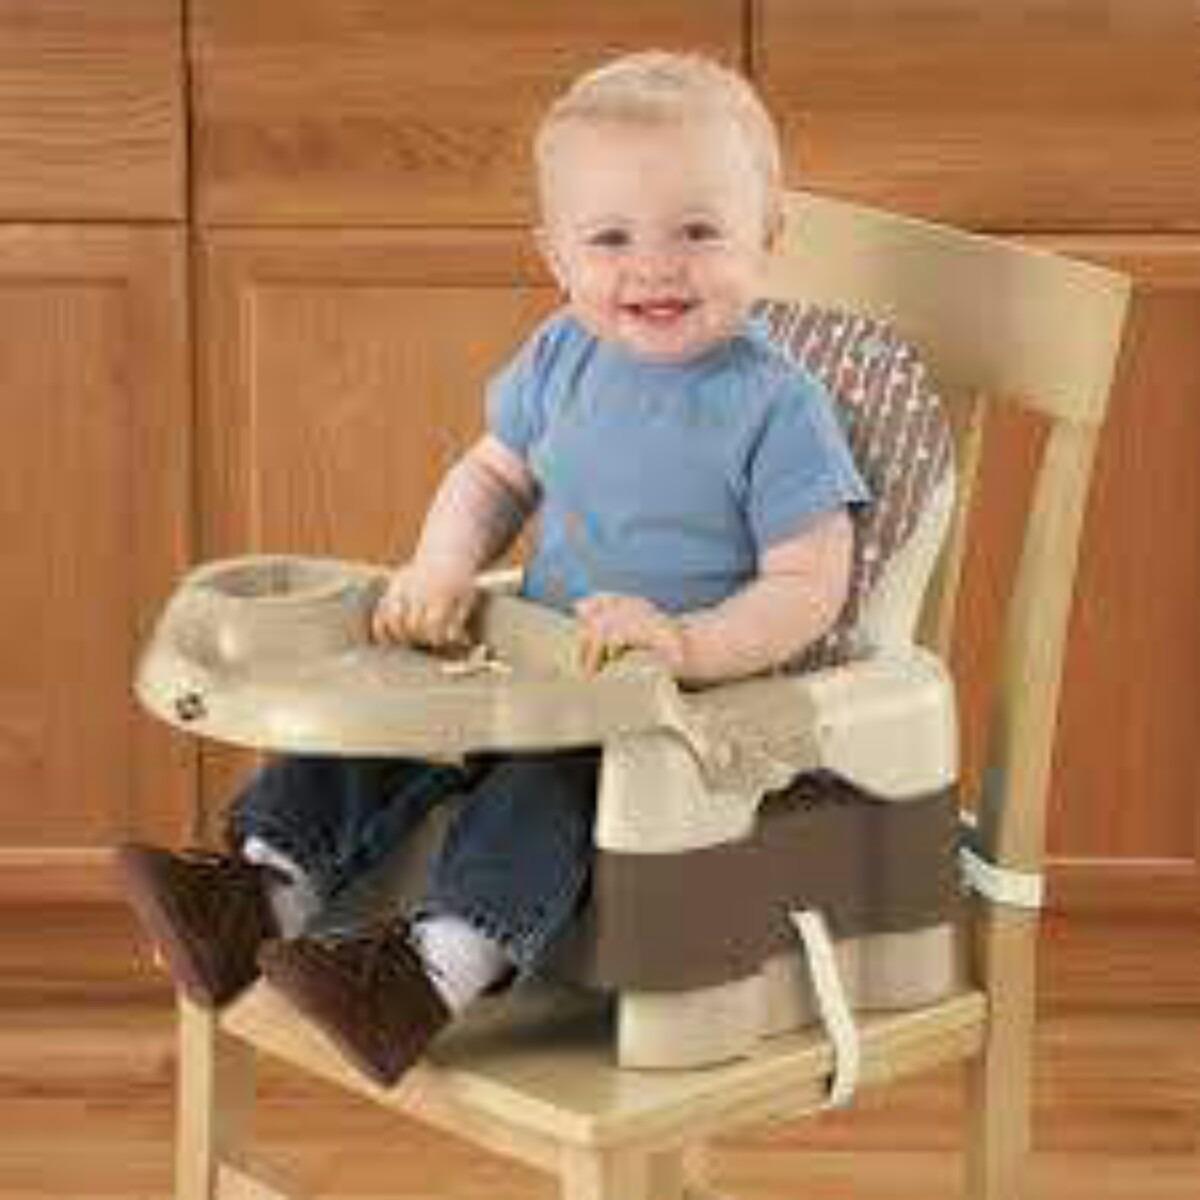 Silla de comer port til safety en mercado libre - Silla para comer bebe ...